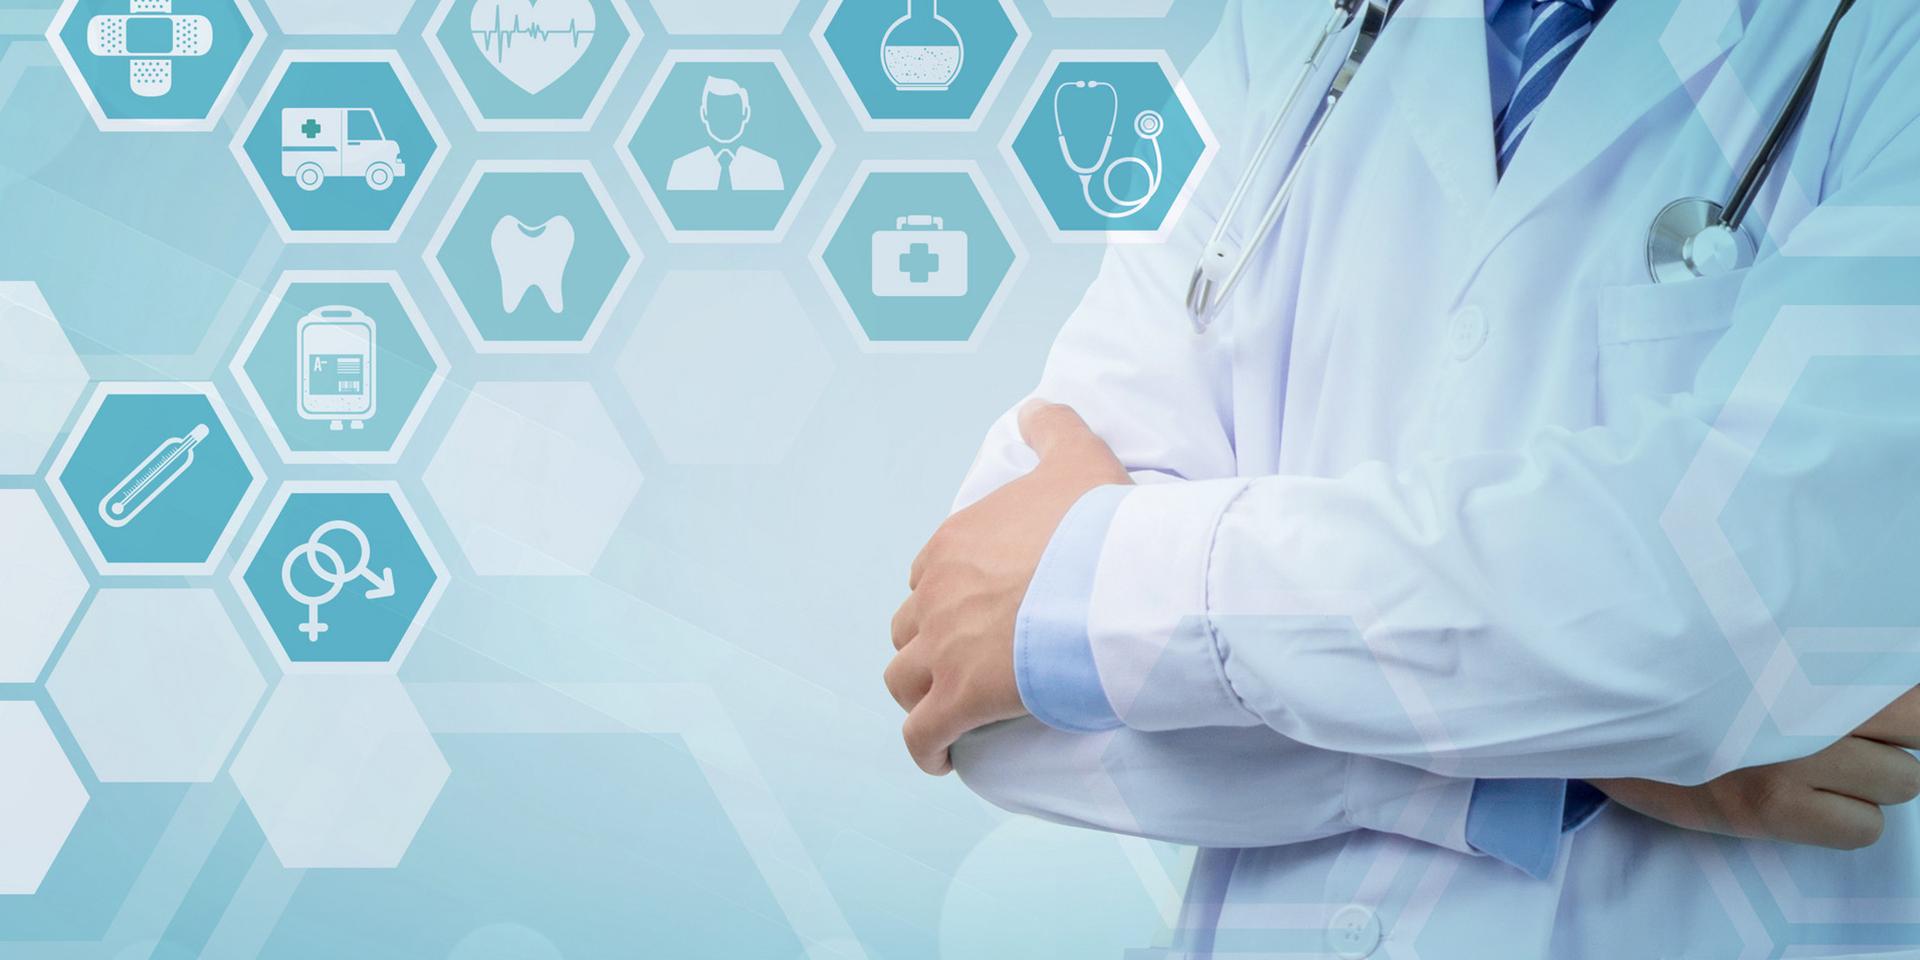 凈化工程承建商:醫院引入供應室凈化工程建設手術室有什么好處?